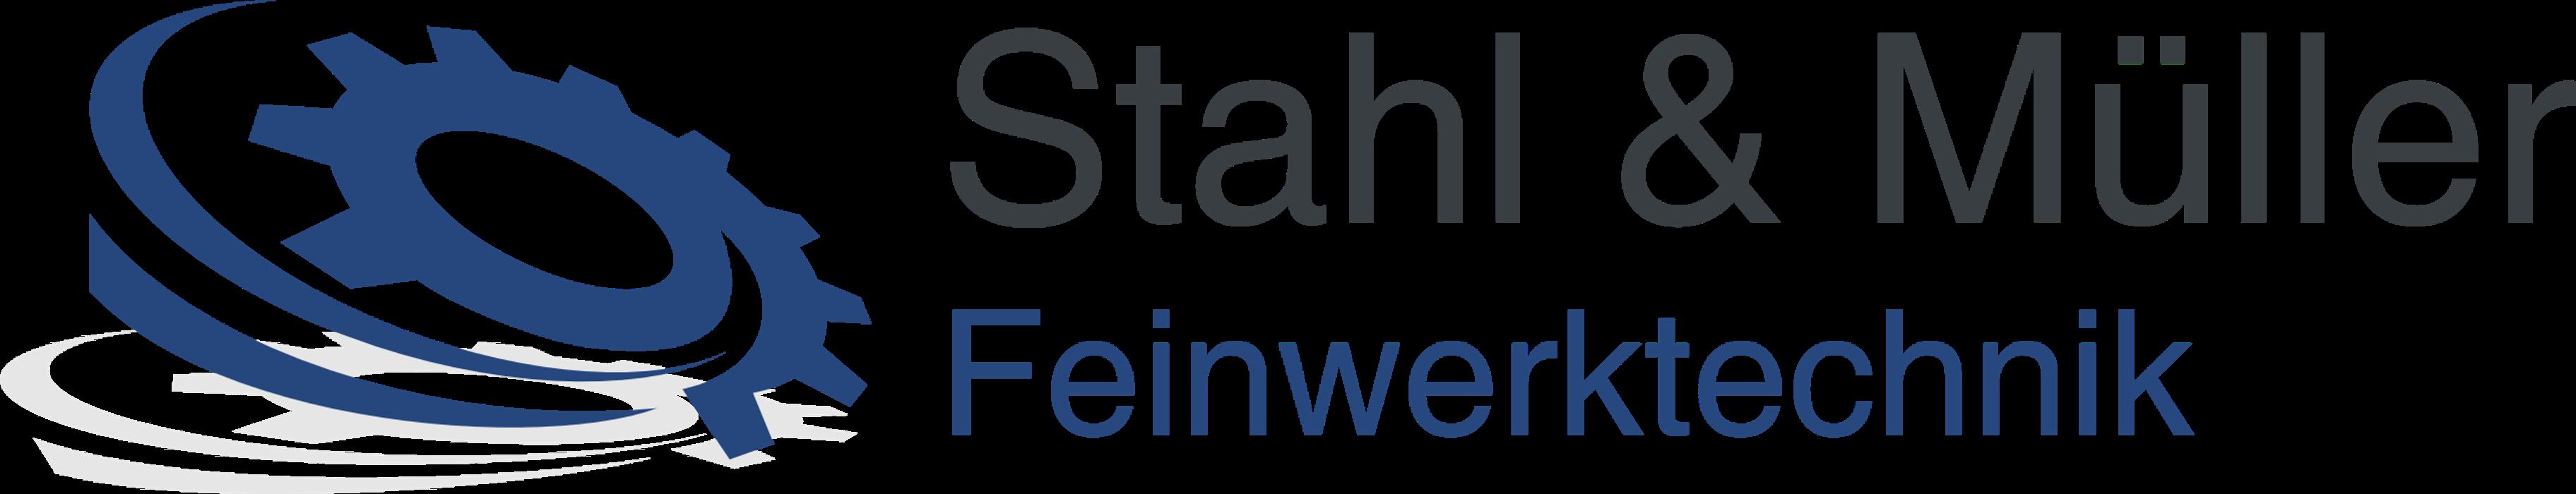 Bild zu Stahl & Müller Feinwerktechnik GbR in Sinsheim